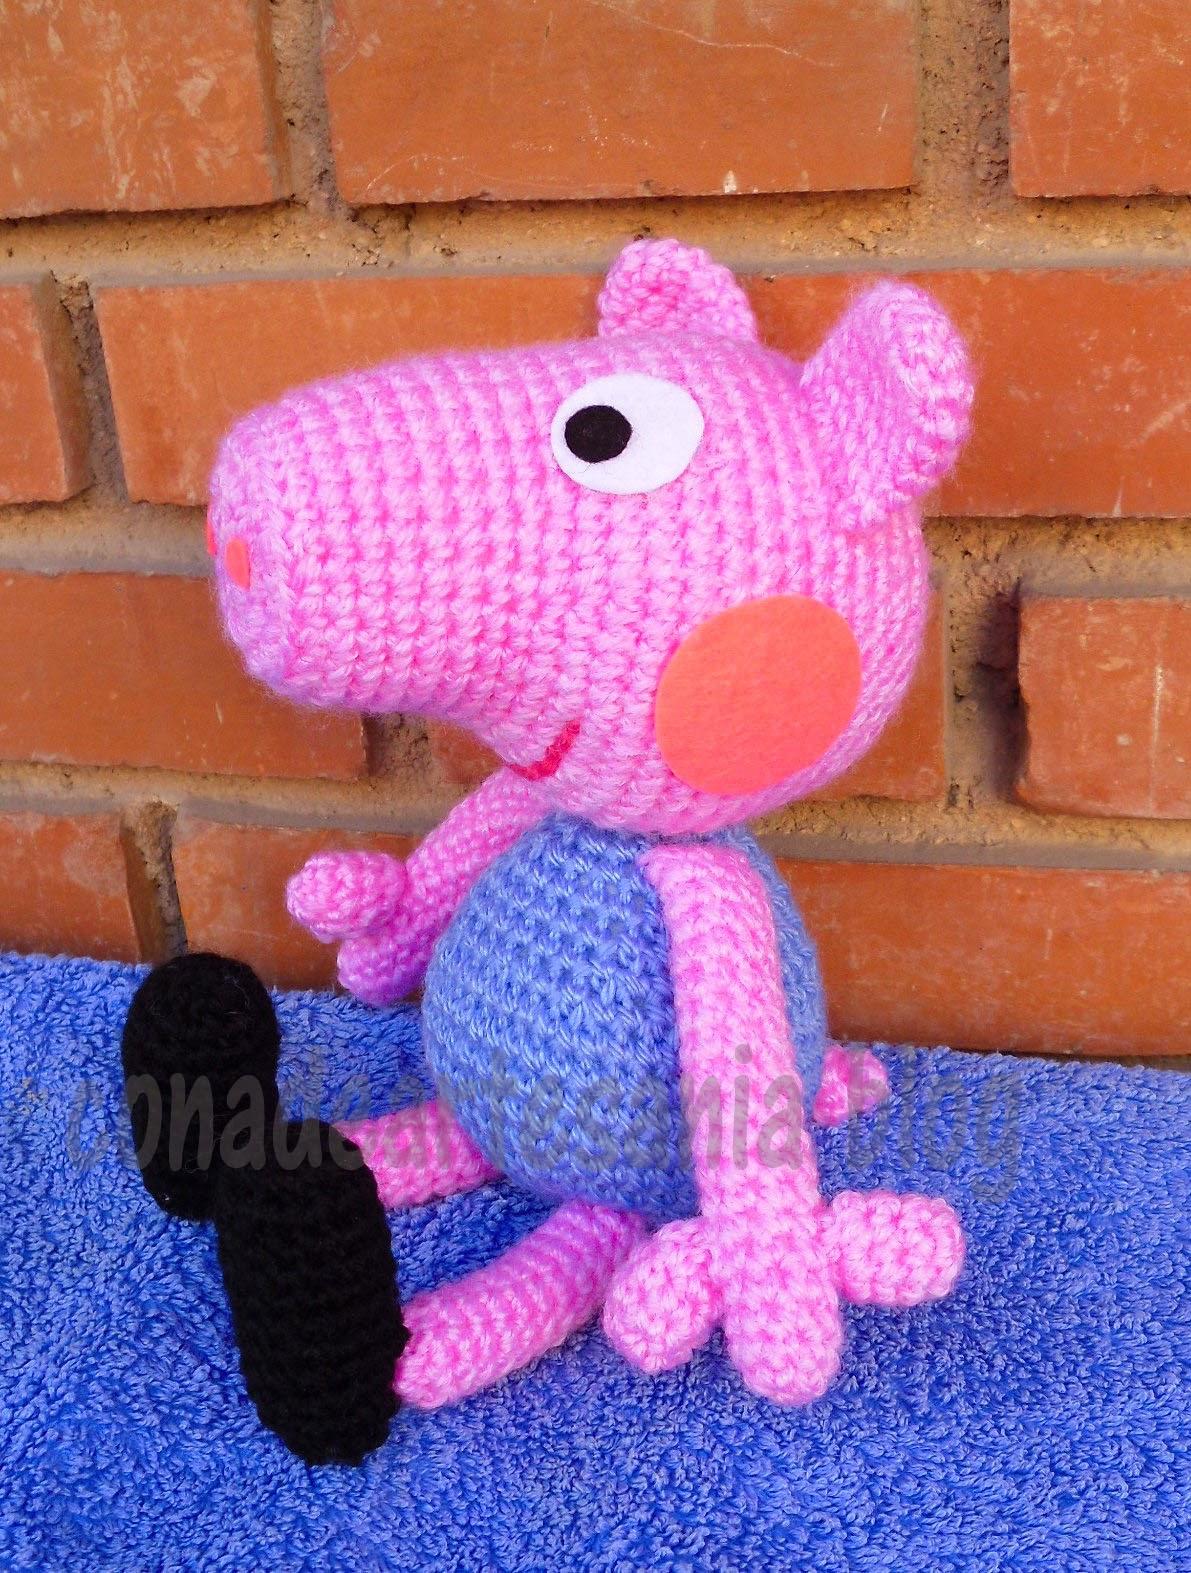 Patron Amigurumi Peppa Pig Grande : con A de artesan?a: George Pig amigurumi